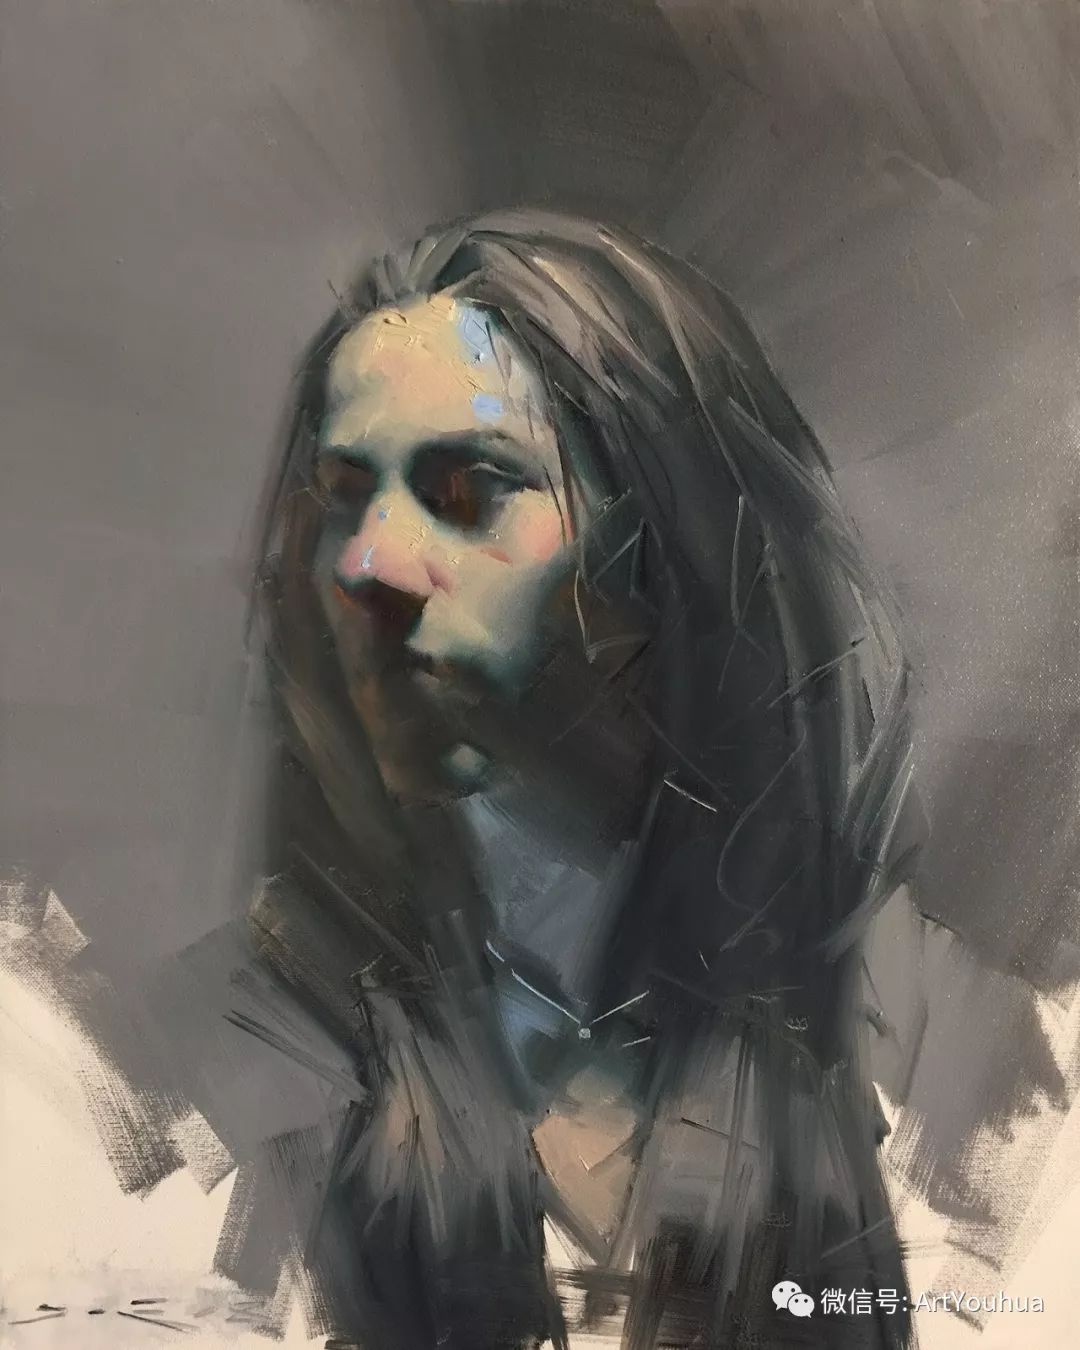 他的人物肖像绘画独具一格 还是位80后画家插图45